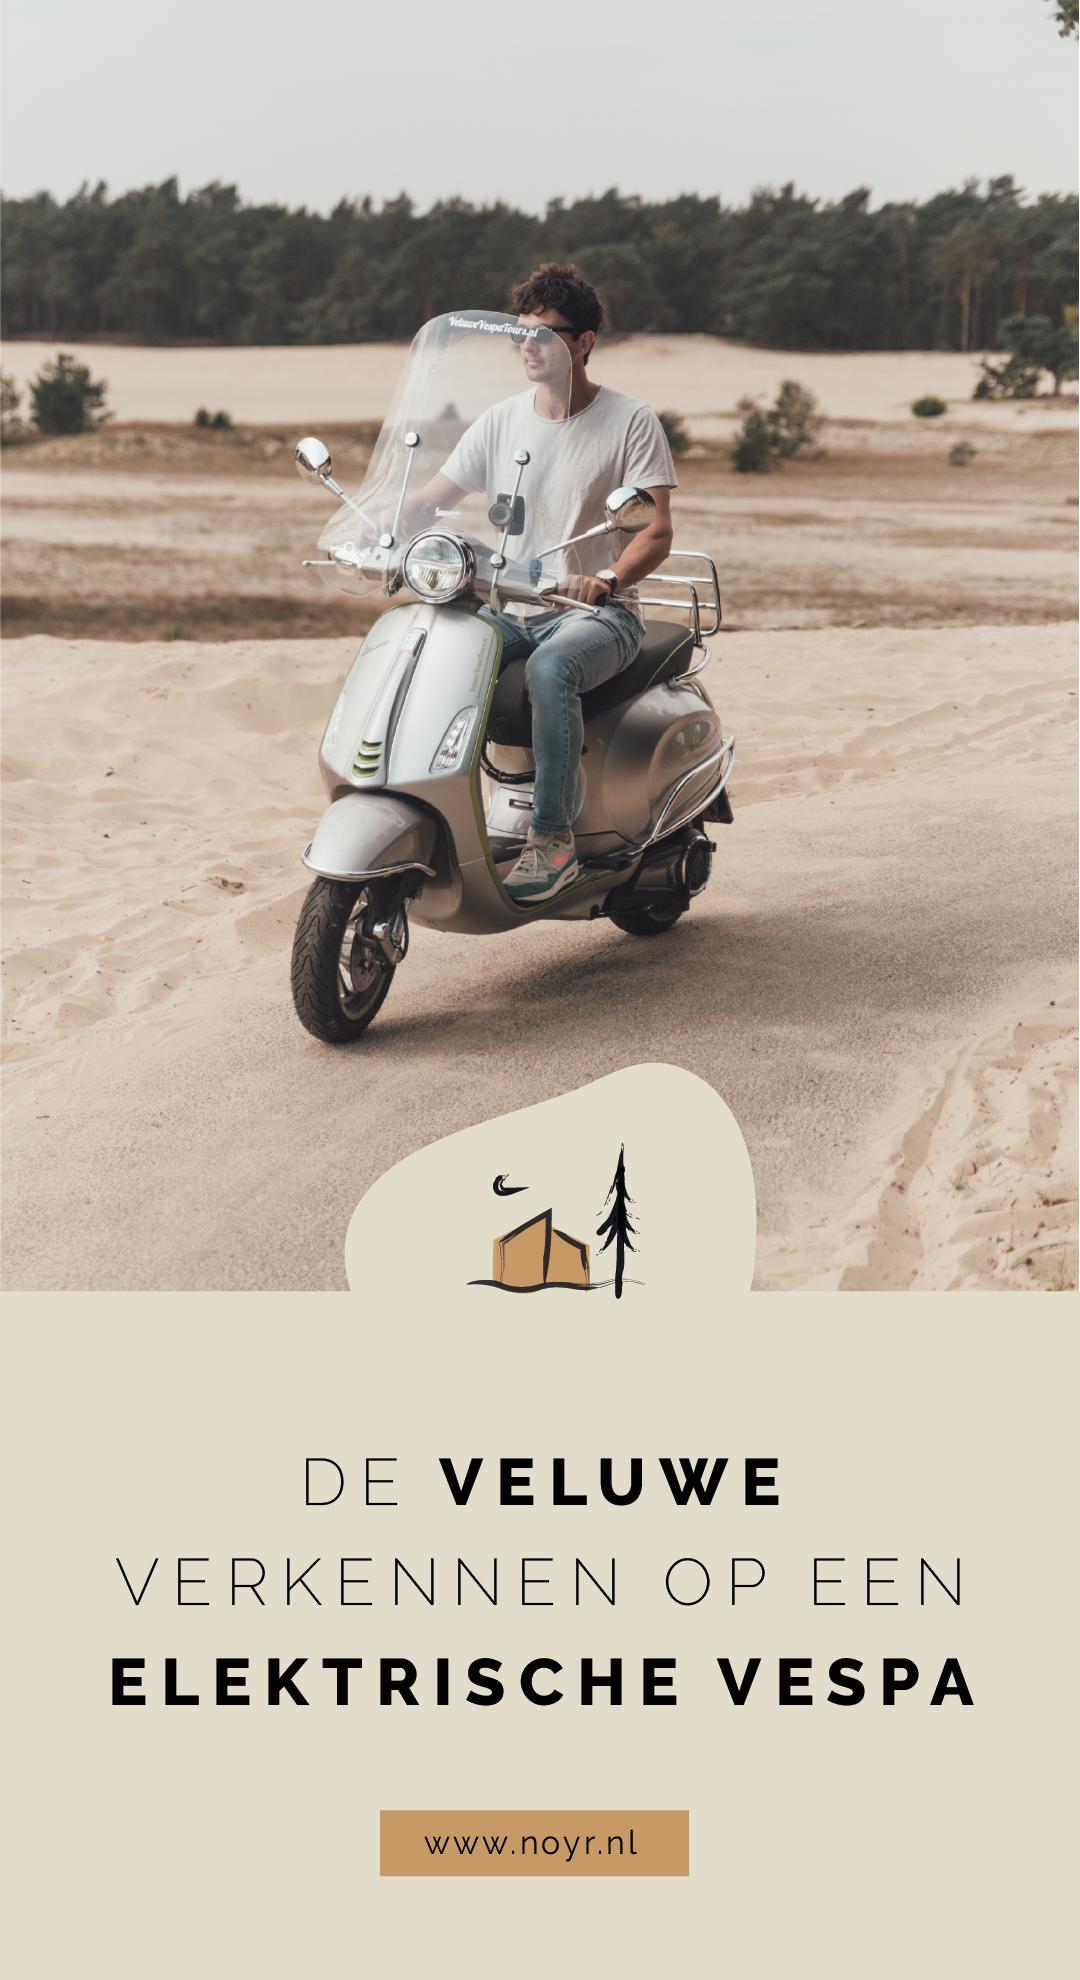 Elektrische Vespa   Vespa Elettrica   Veluwe   Nunspeet   Veluwe Vespa Tours